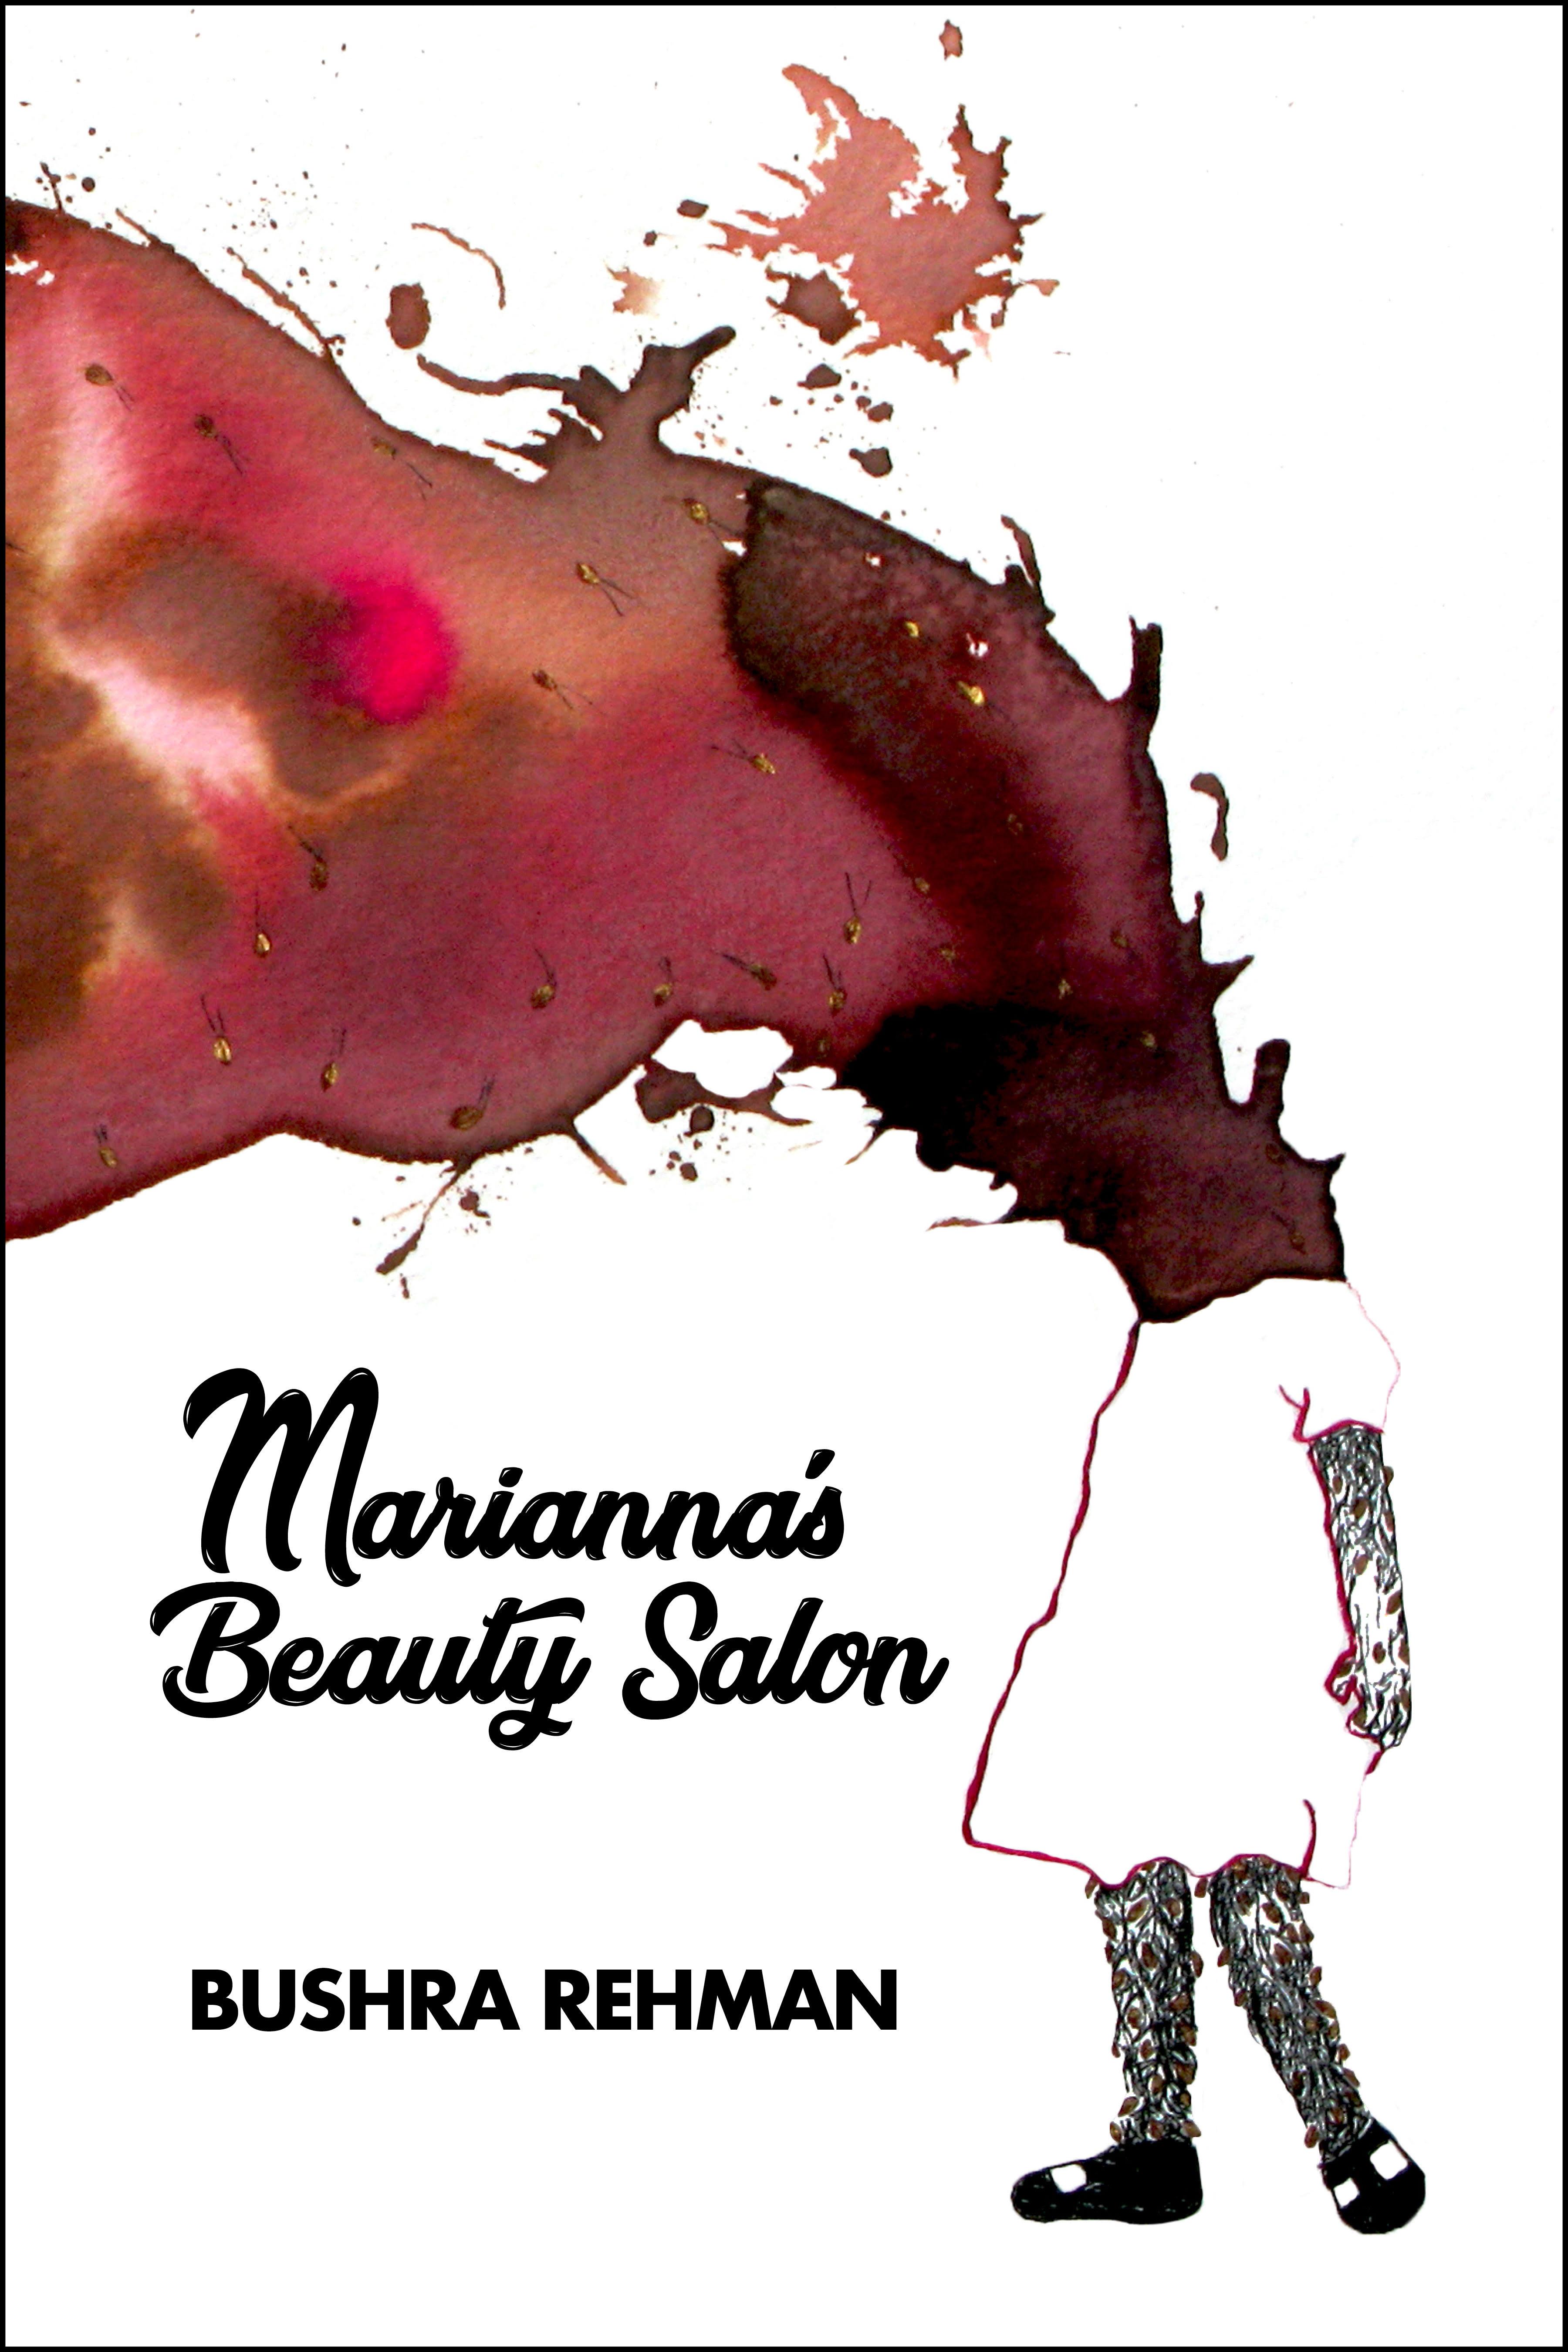 Marianna's Beauty Salon Launch Party